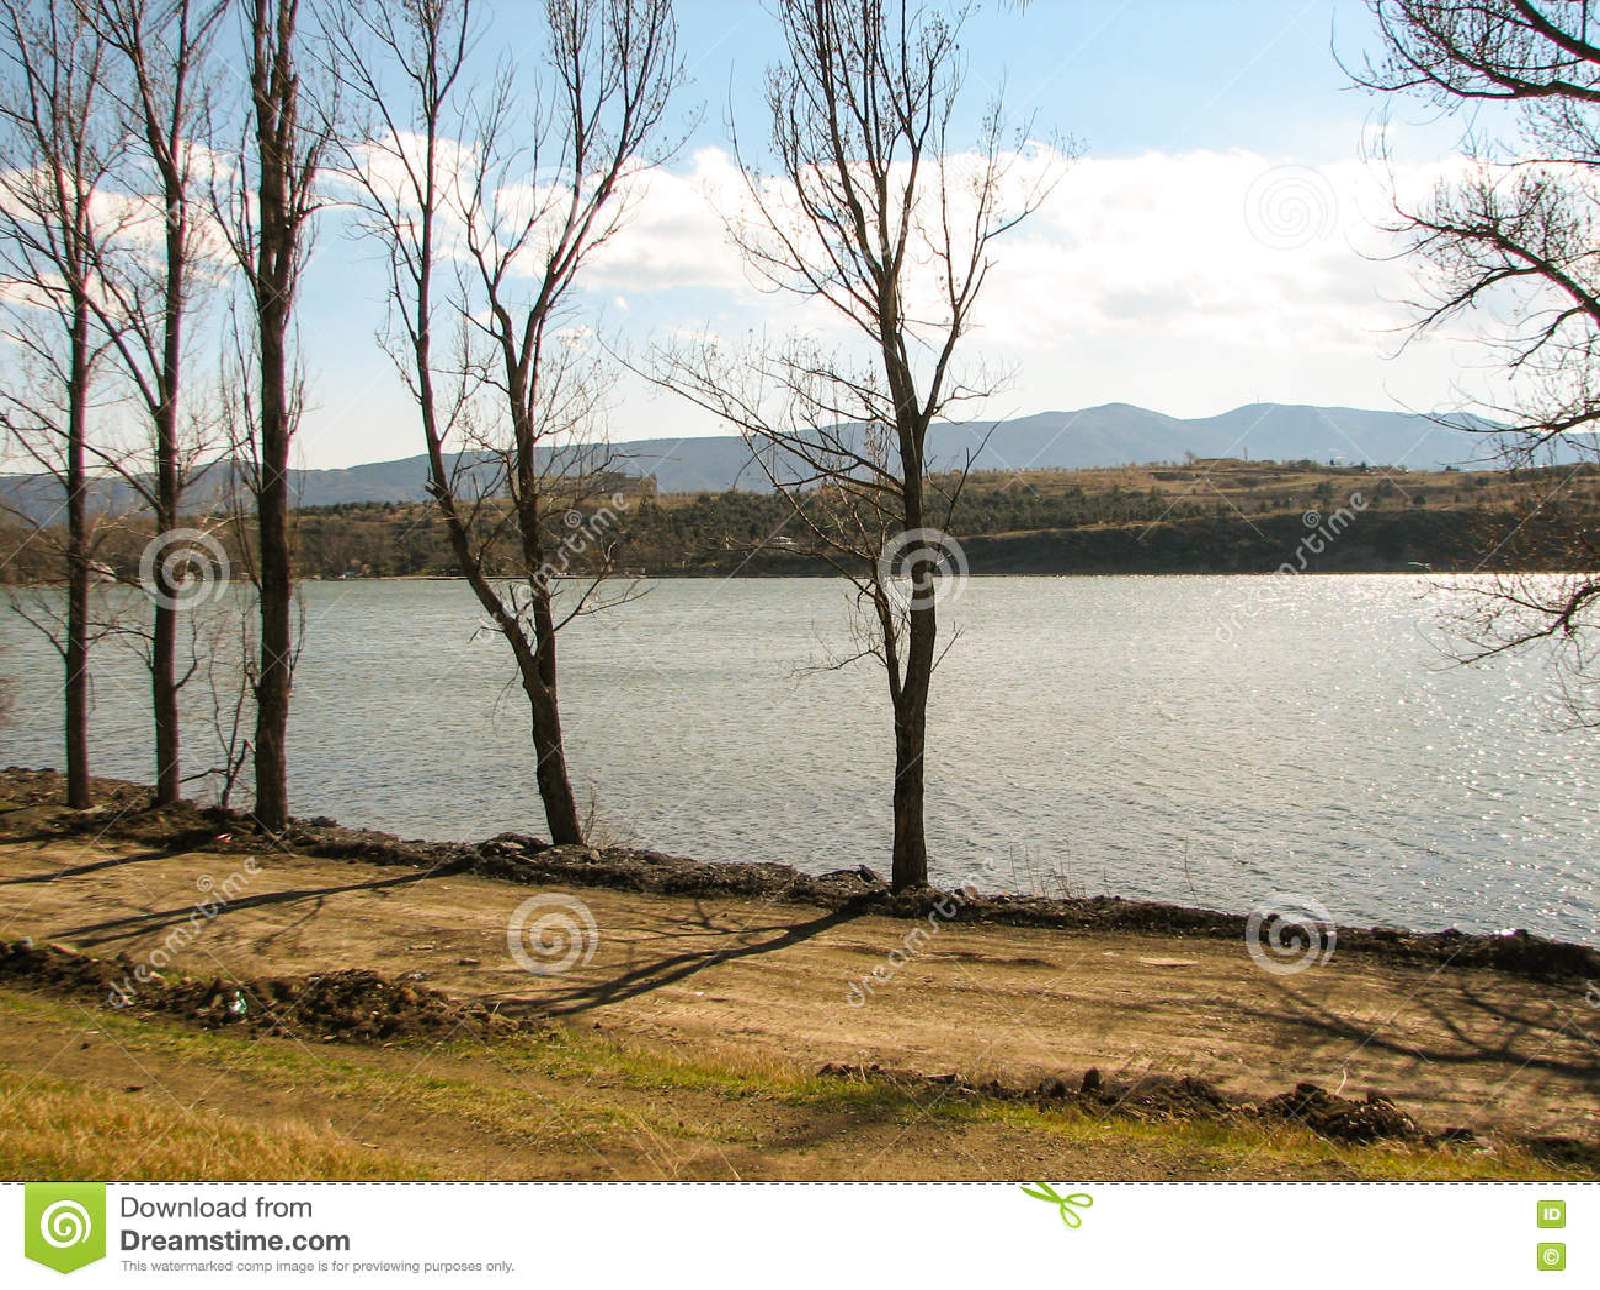 Mountain Lakes In Georgia Nutsubidze Tbilisi, Lisi Lake